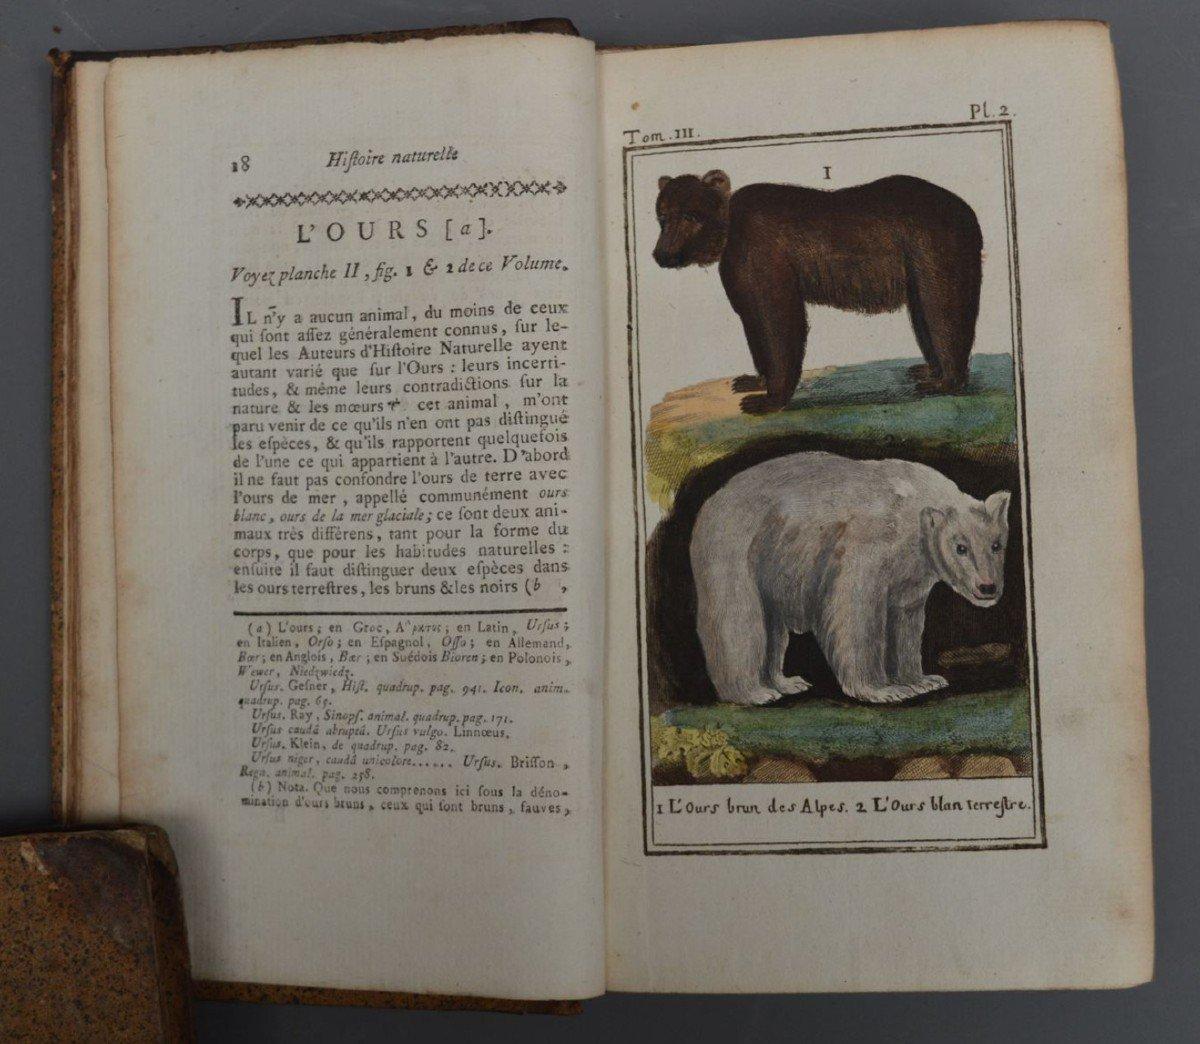 Collection De 44 Livres De Mr De Buffon, Oiseaux, Minéraux, Histoire Naturelle, Etc-photo-2